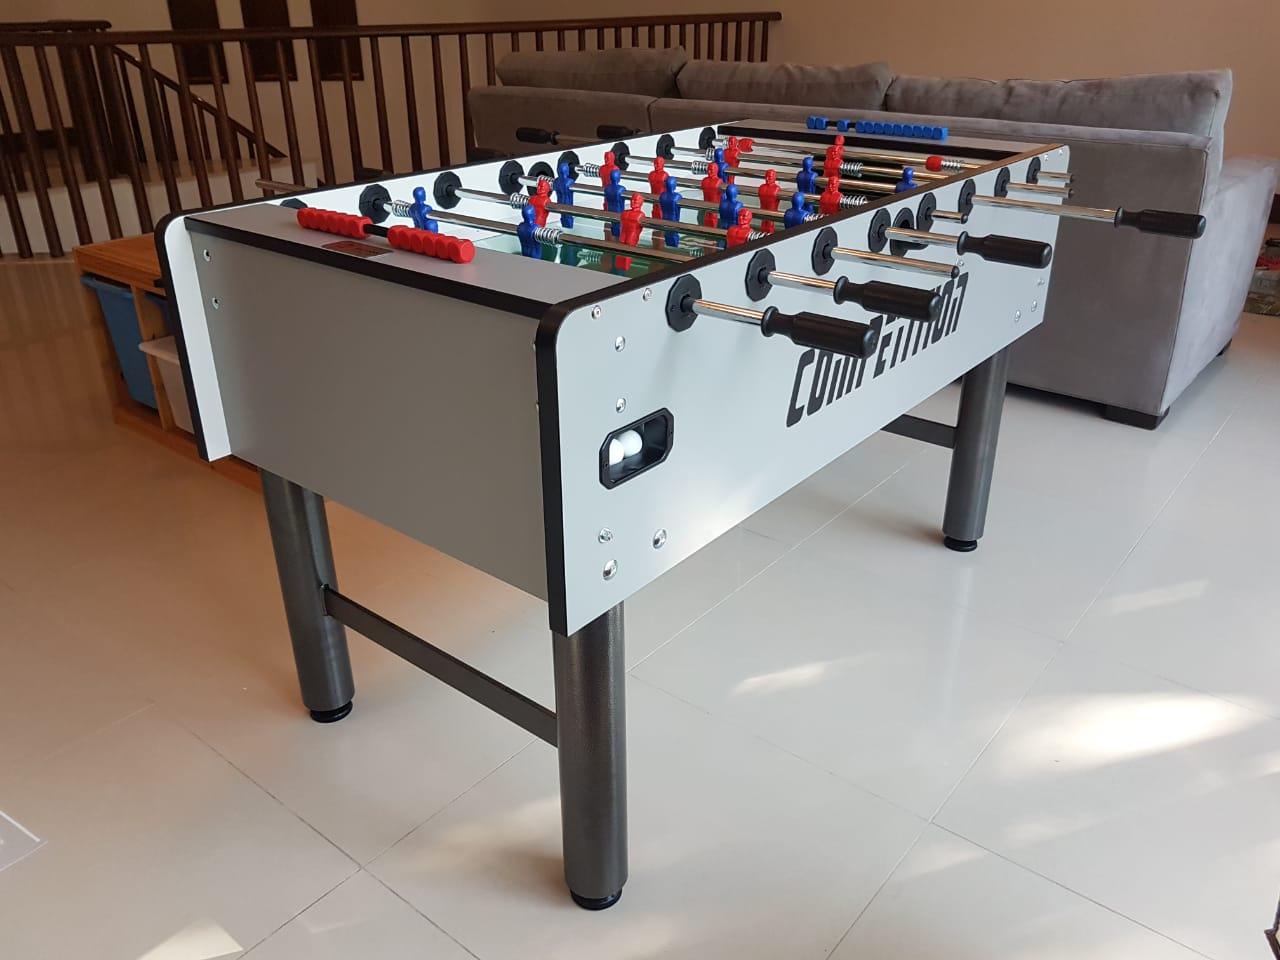 FAS Foosball - Interpool - Buy Pool Table, Foosball, Snooker